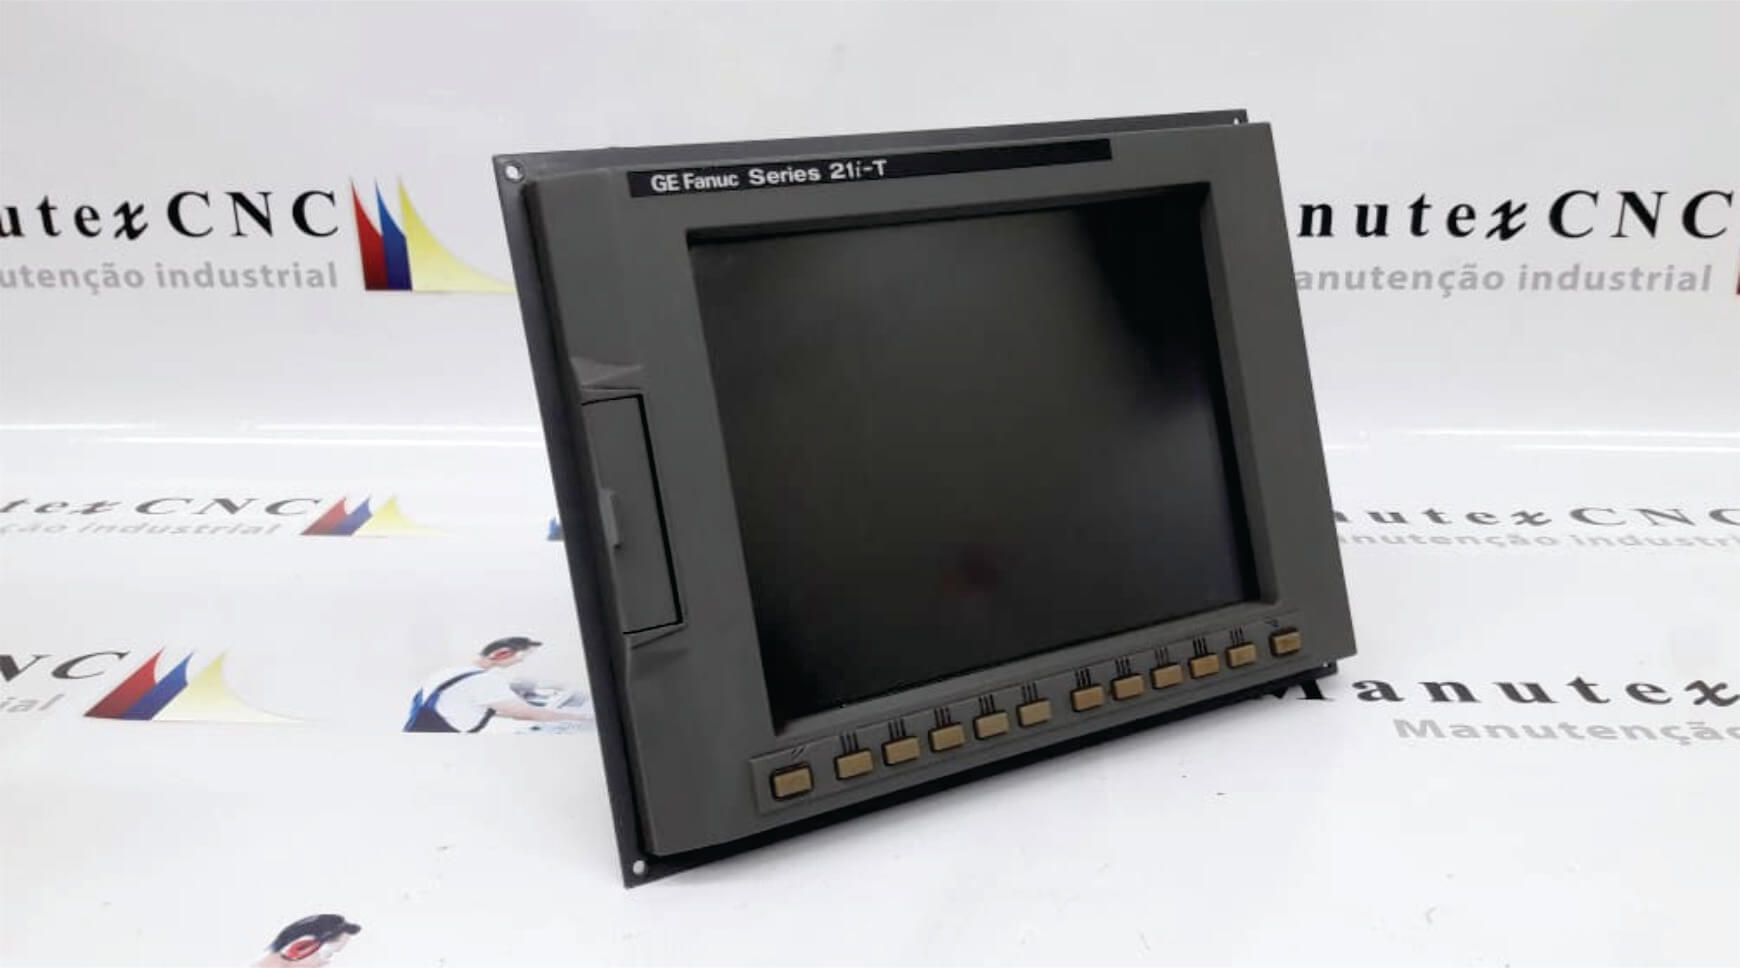 A02B-0247-B541 | 21i-TA CNC | FANUC